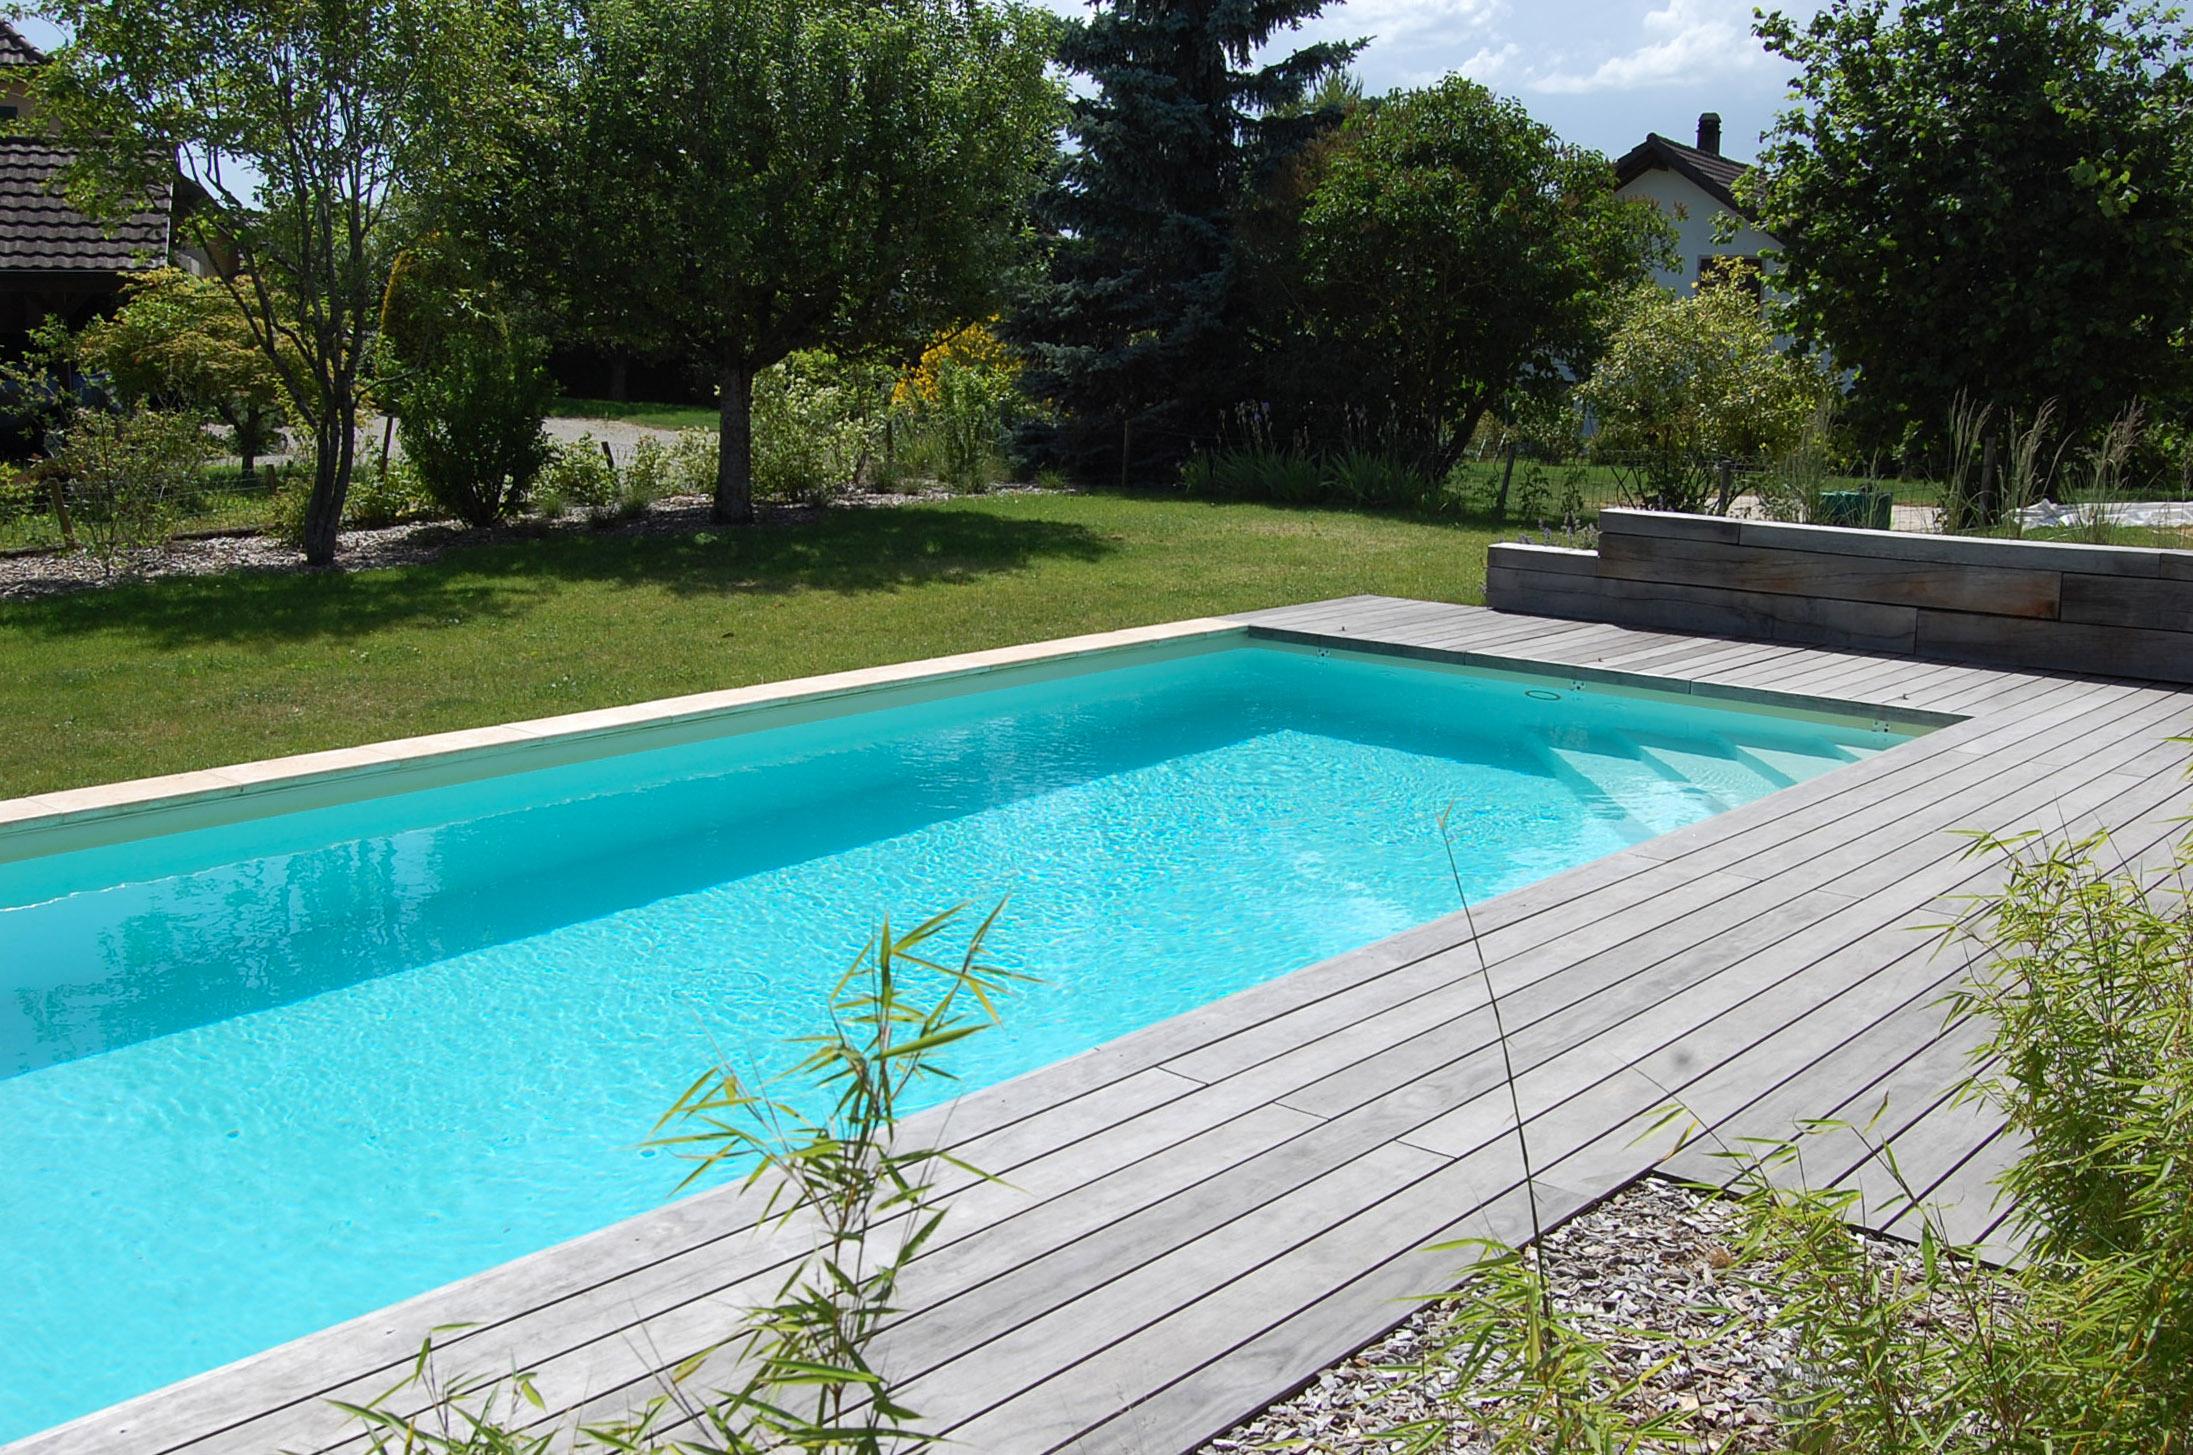 Villa priv e cossonay j f charmoy sa for Ouvrir une piscine privee